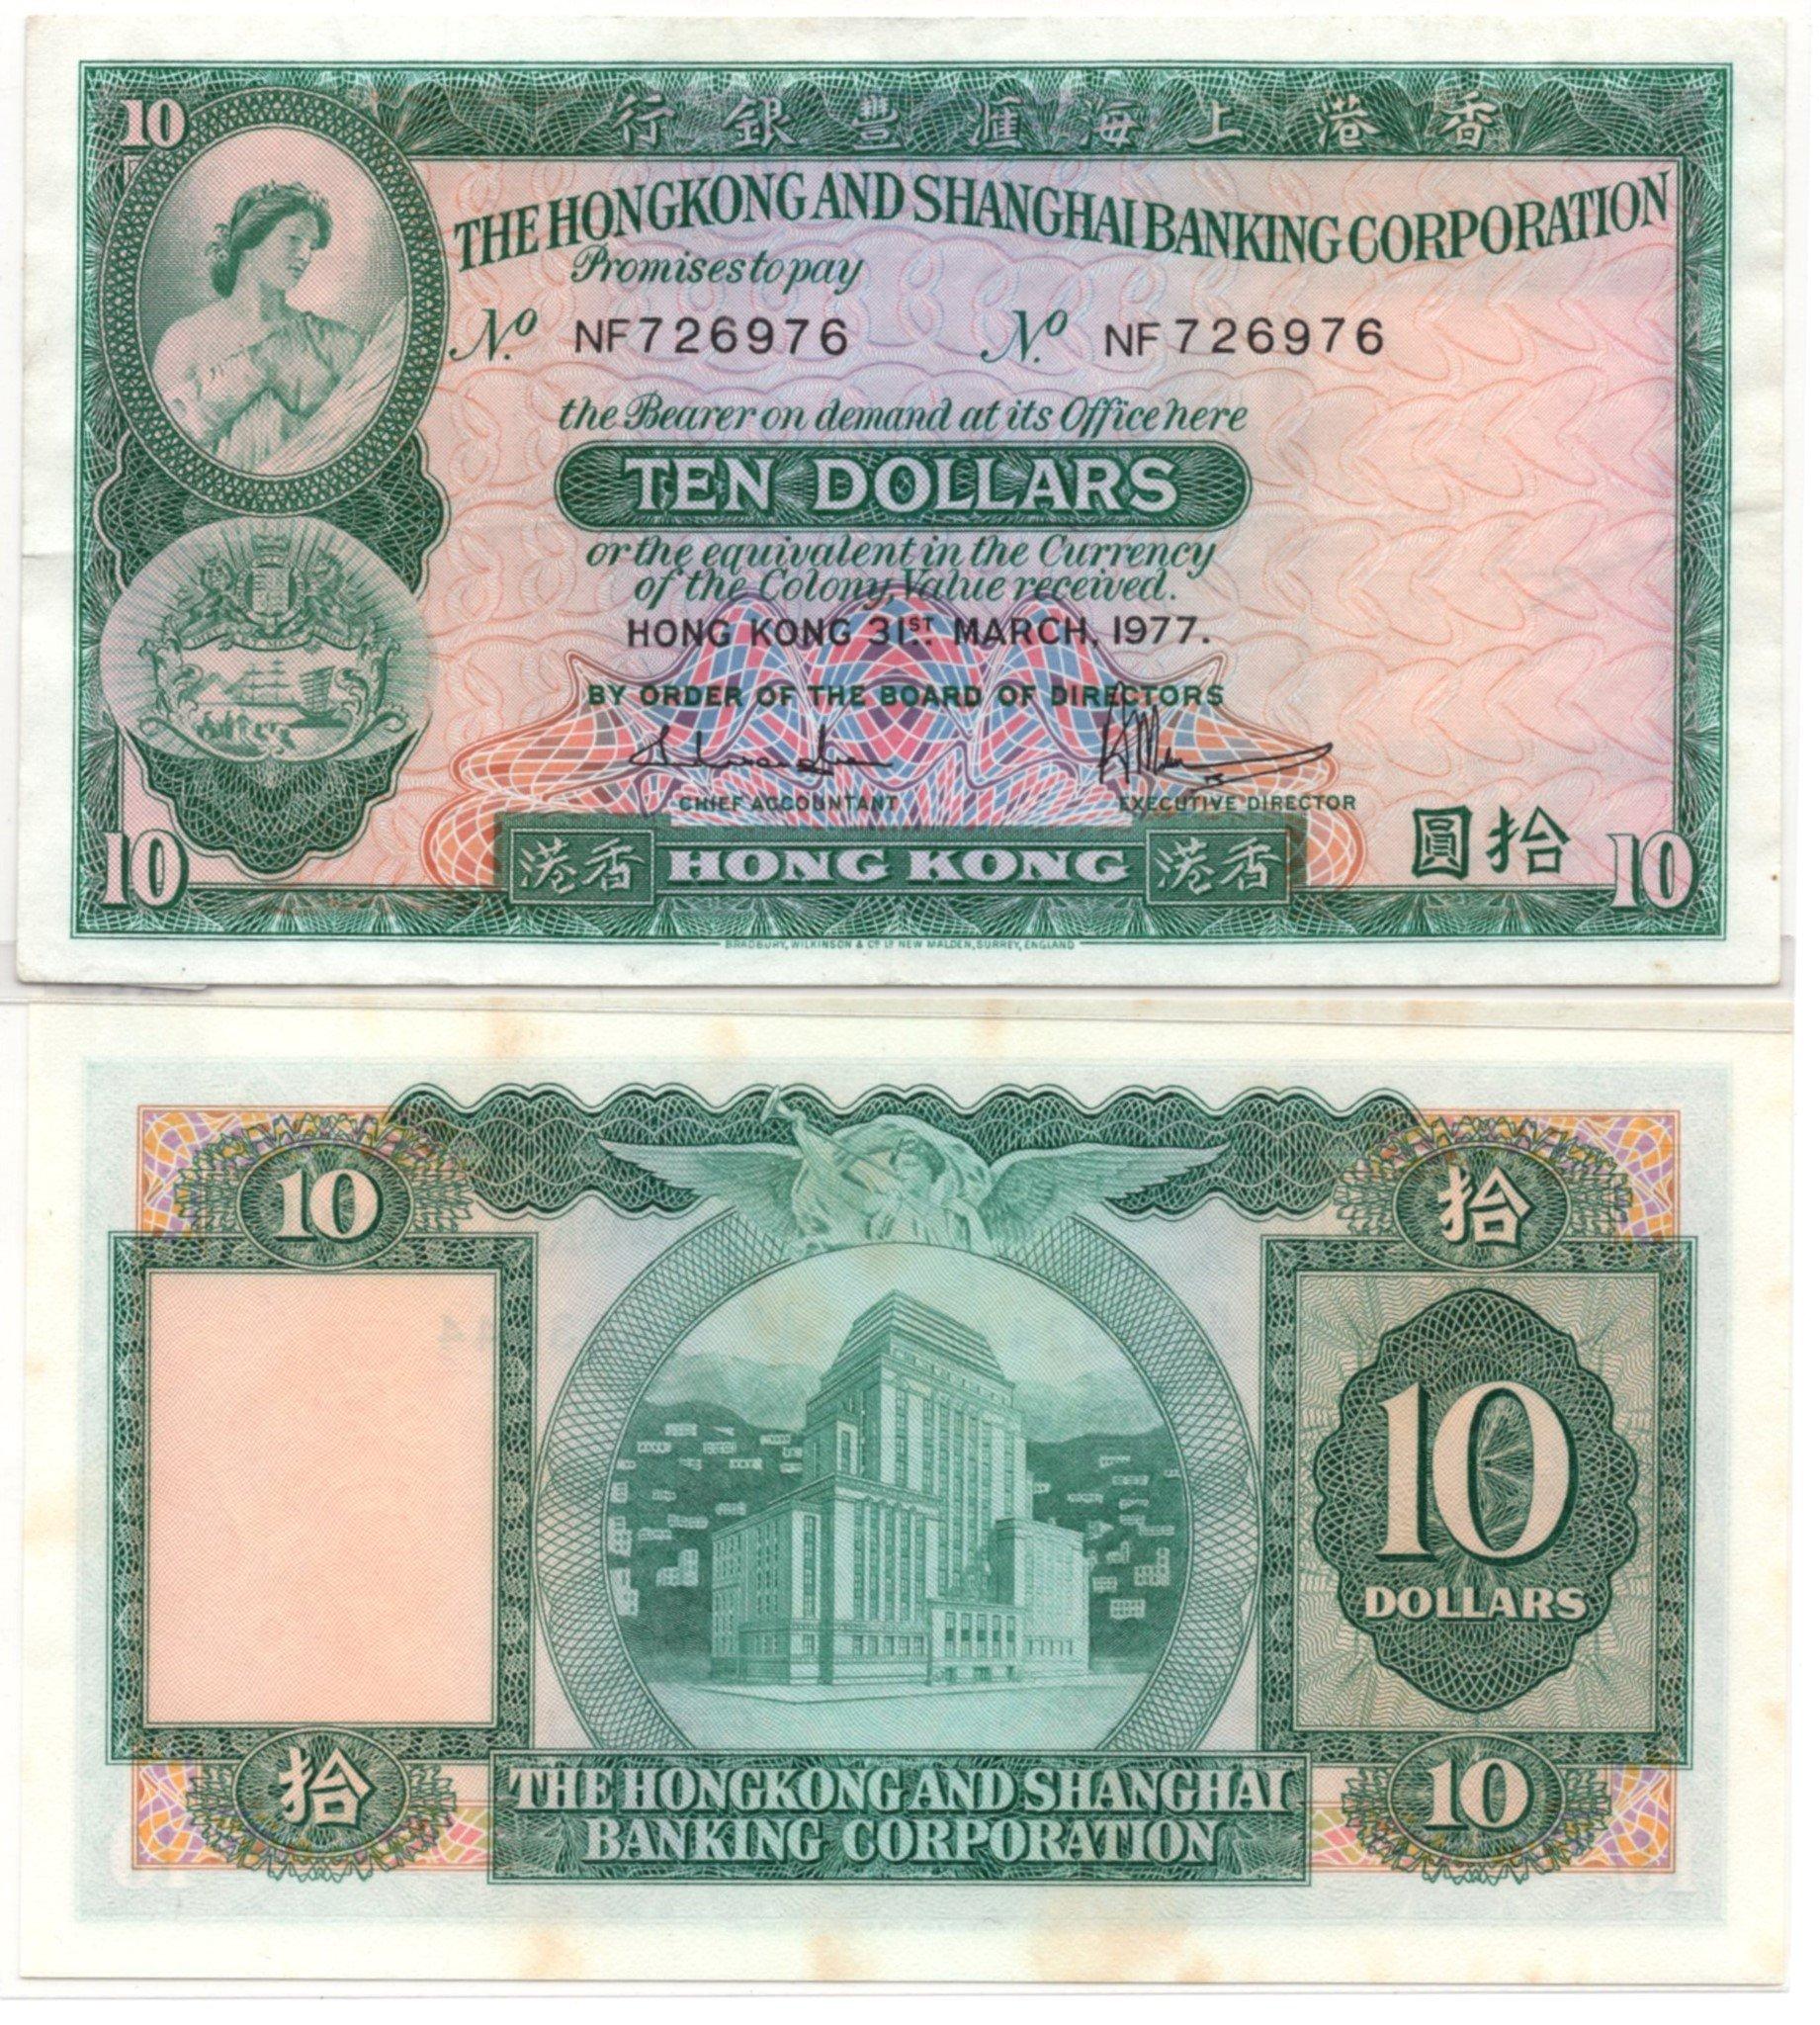 HK 10 dollars )182